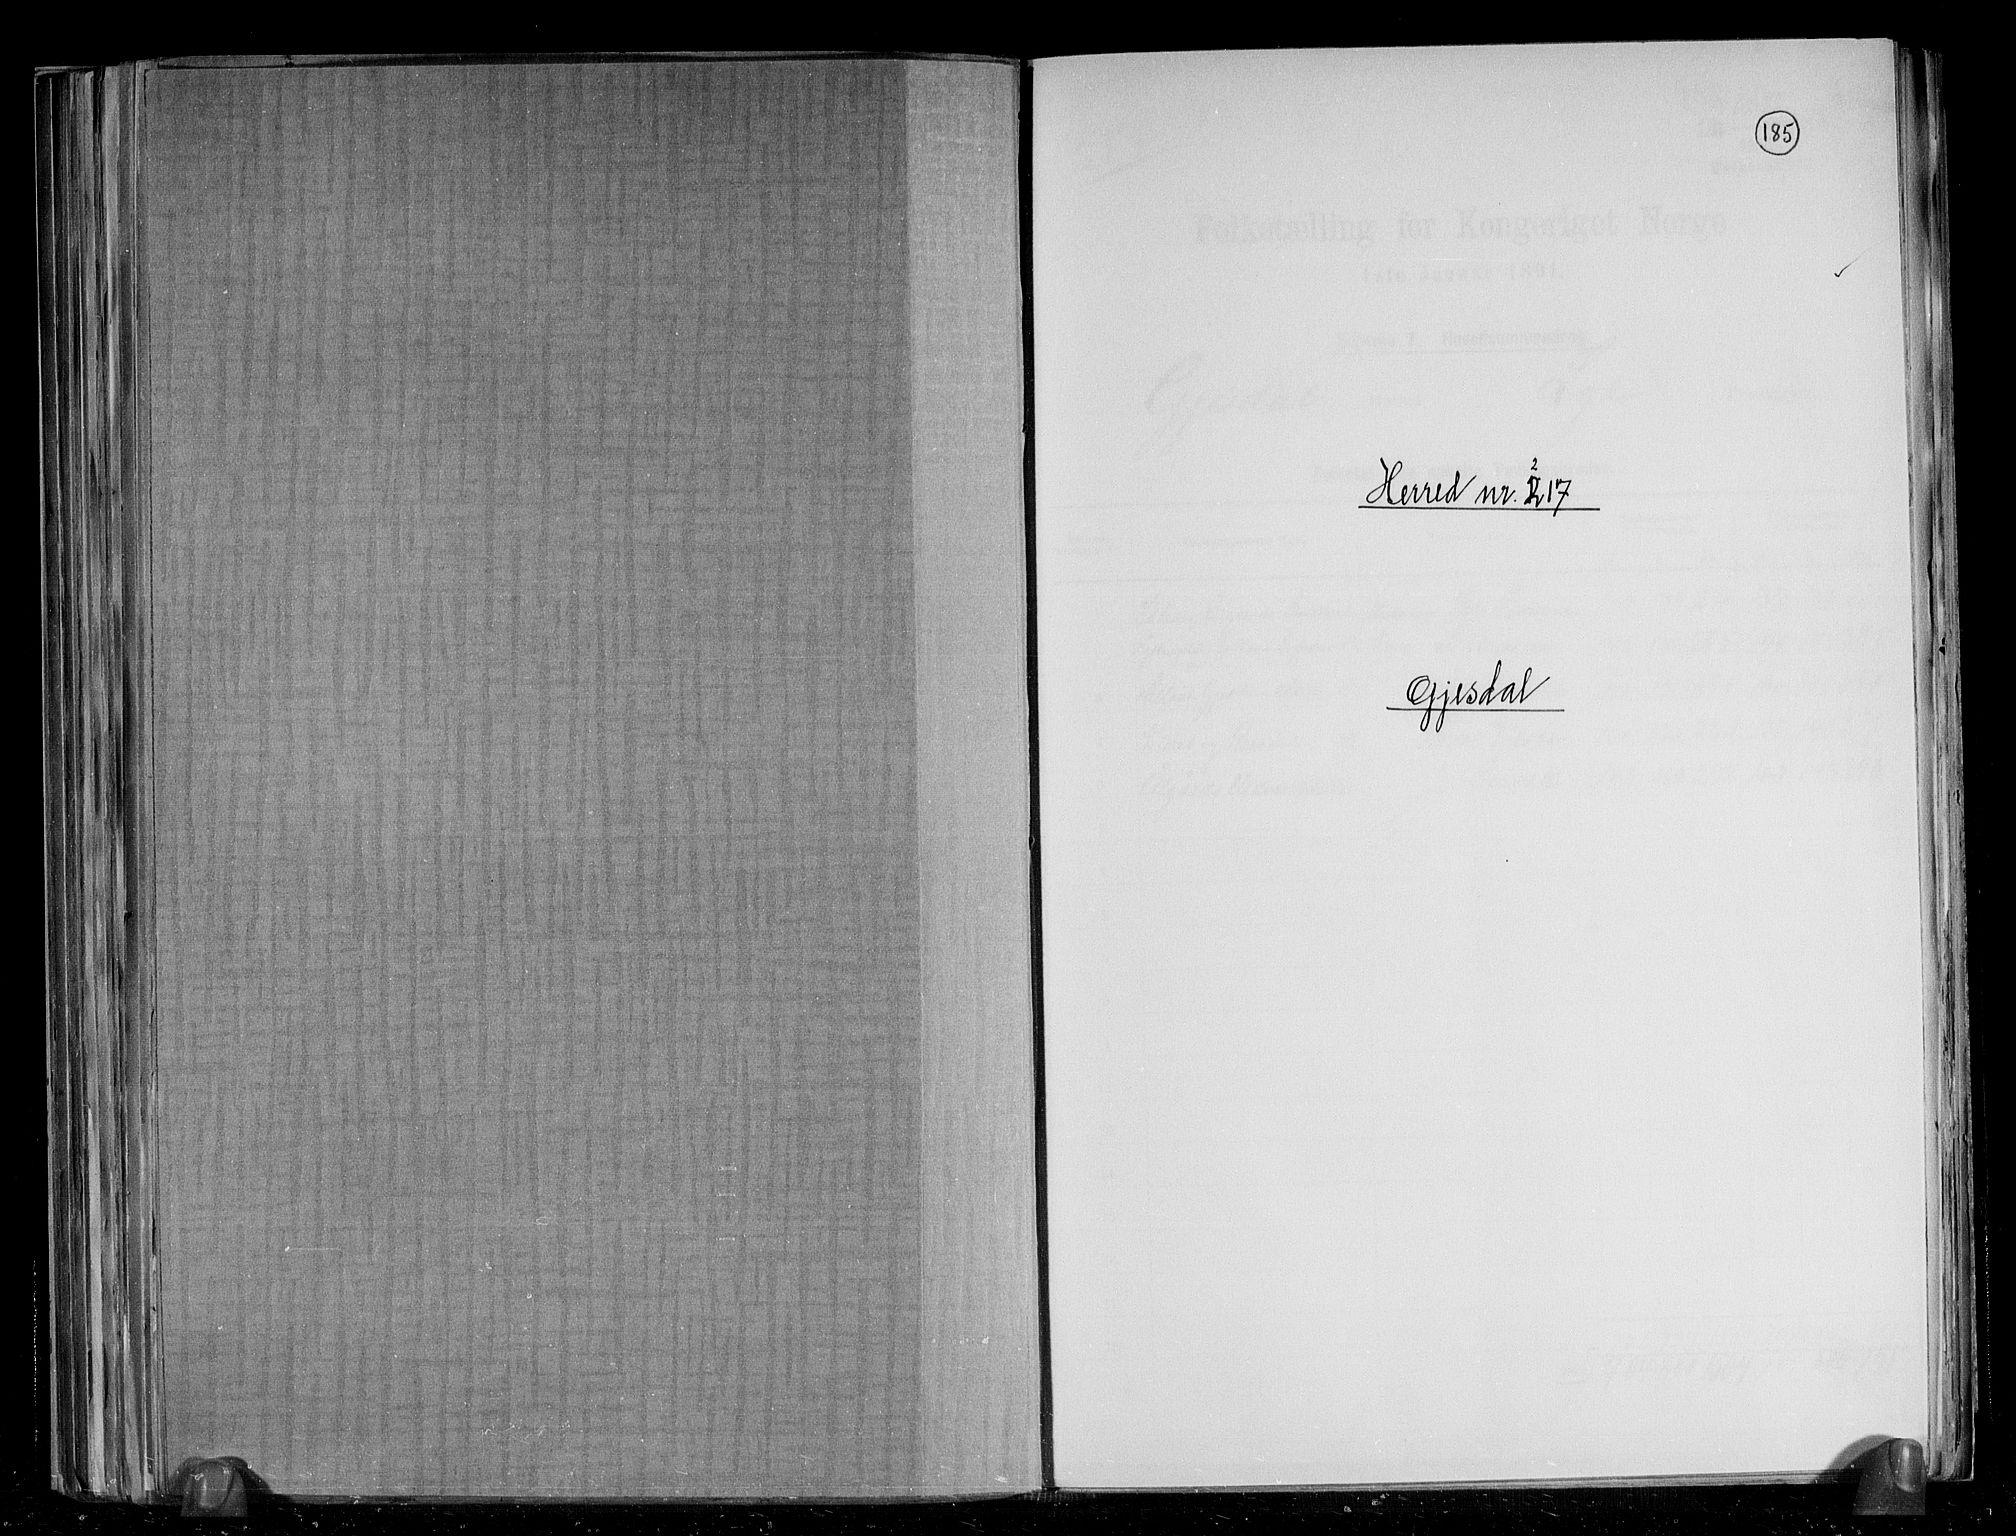 RA, Folketelling 1891 for 1122 Gjesdal herred, 1891, s. 1